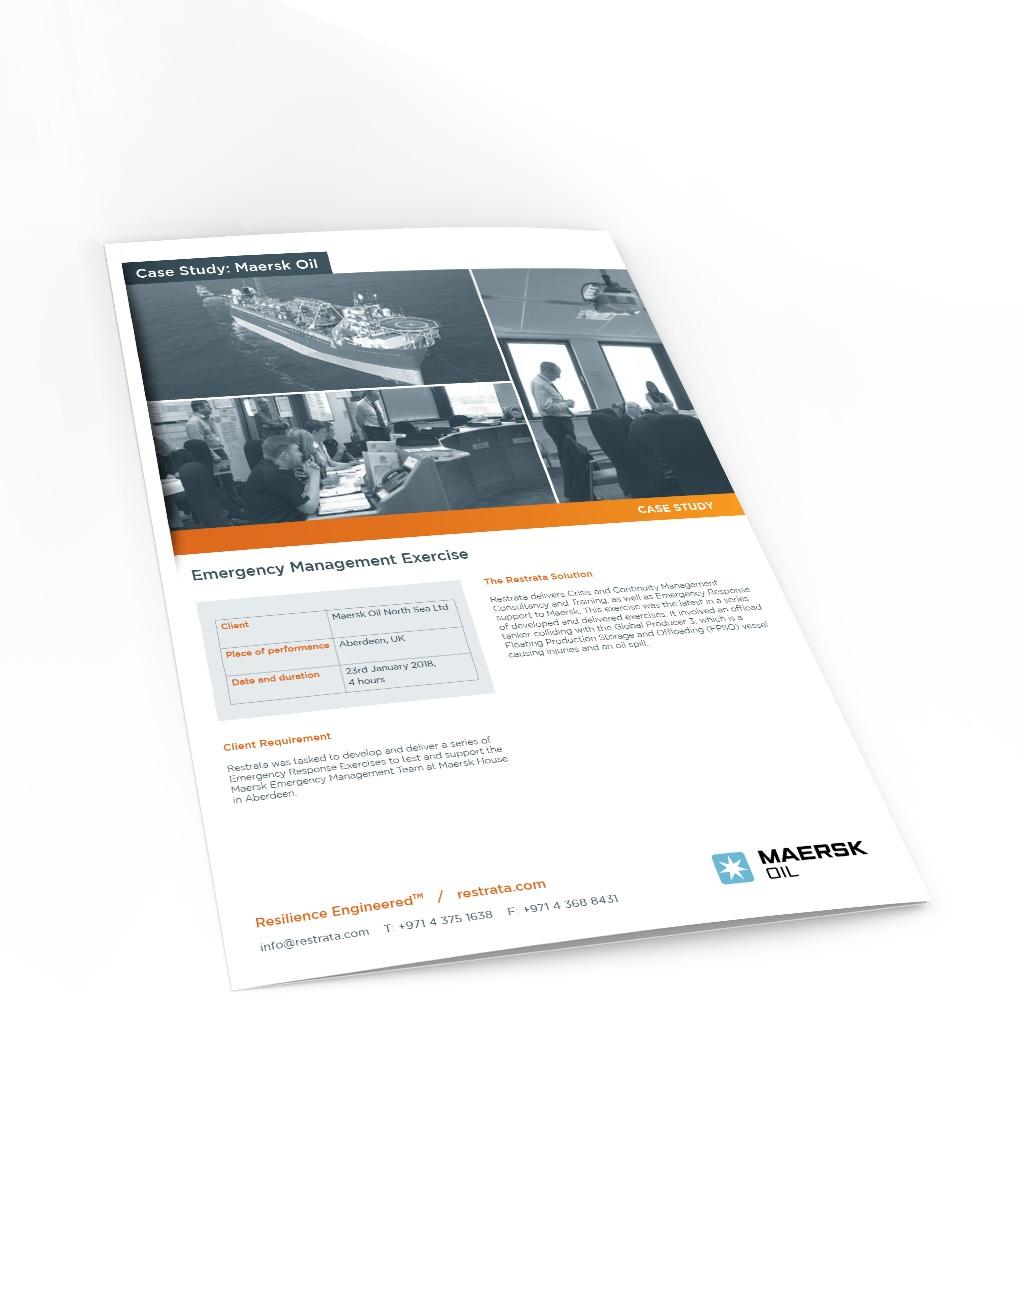 Maersk Emergency Management Exercise Case Study